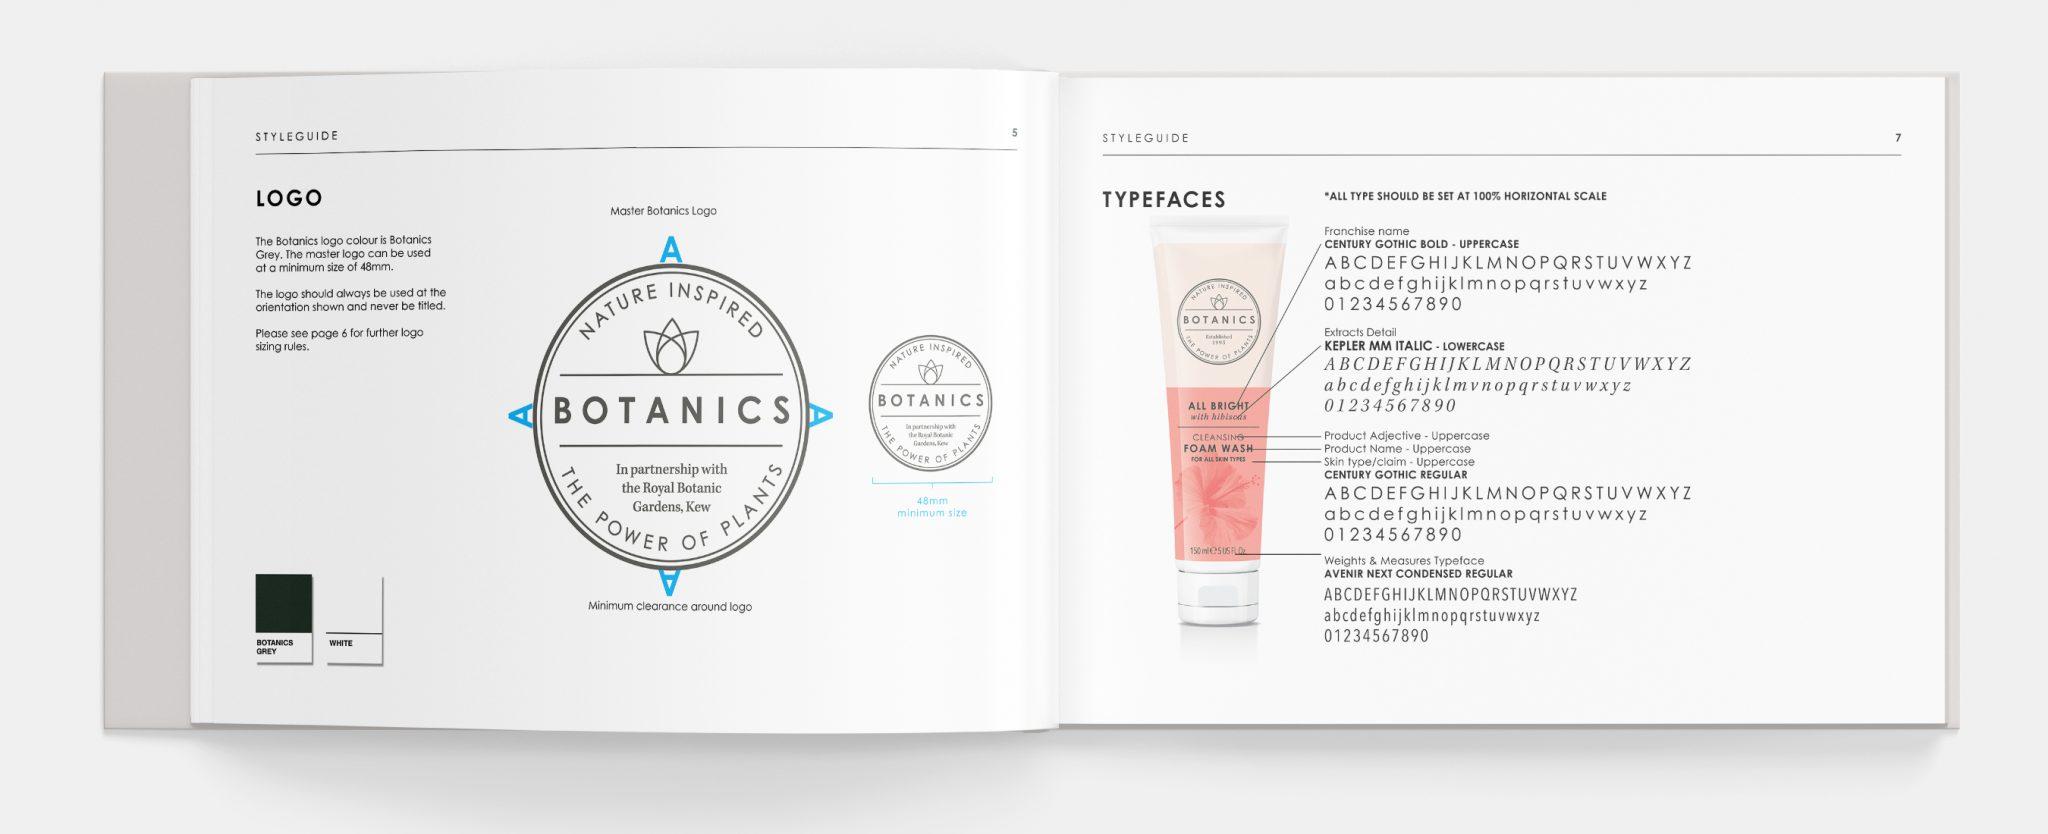 Botanics style guide 01